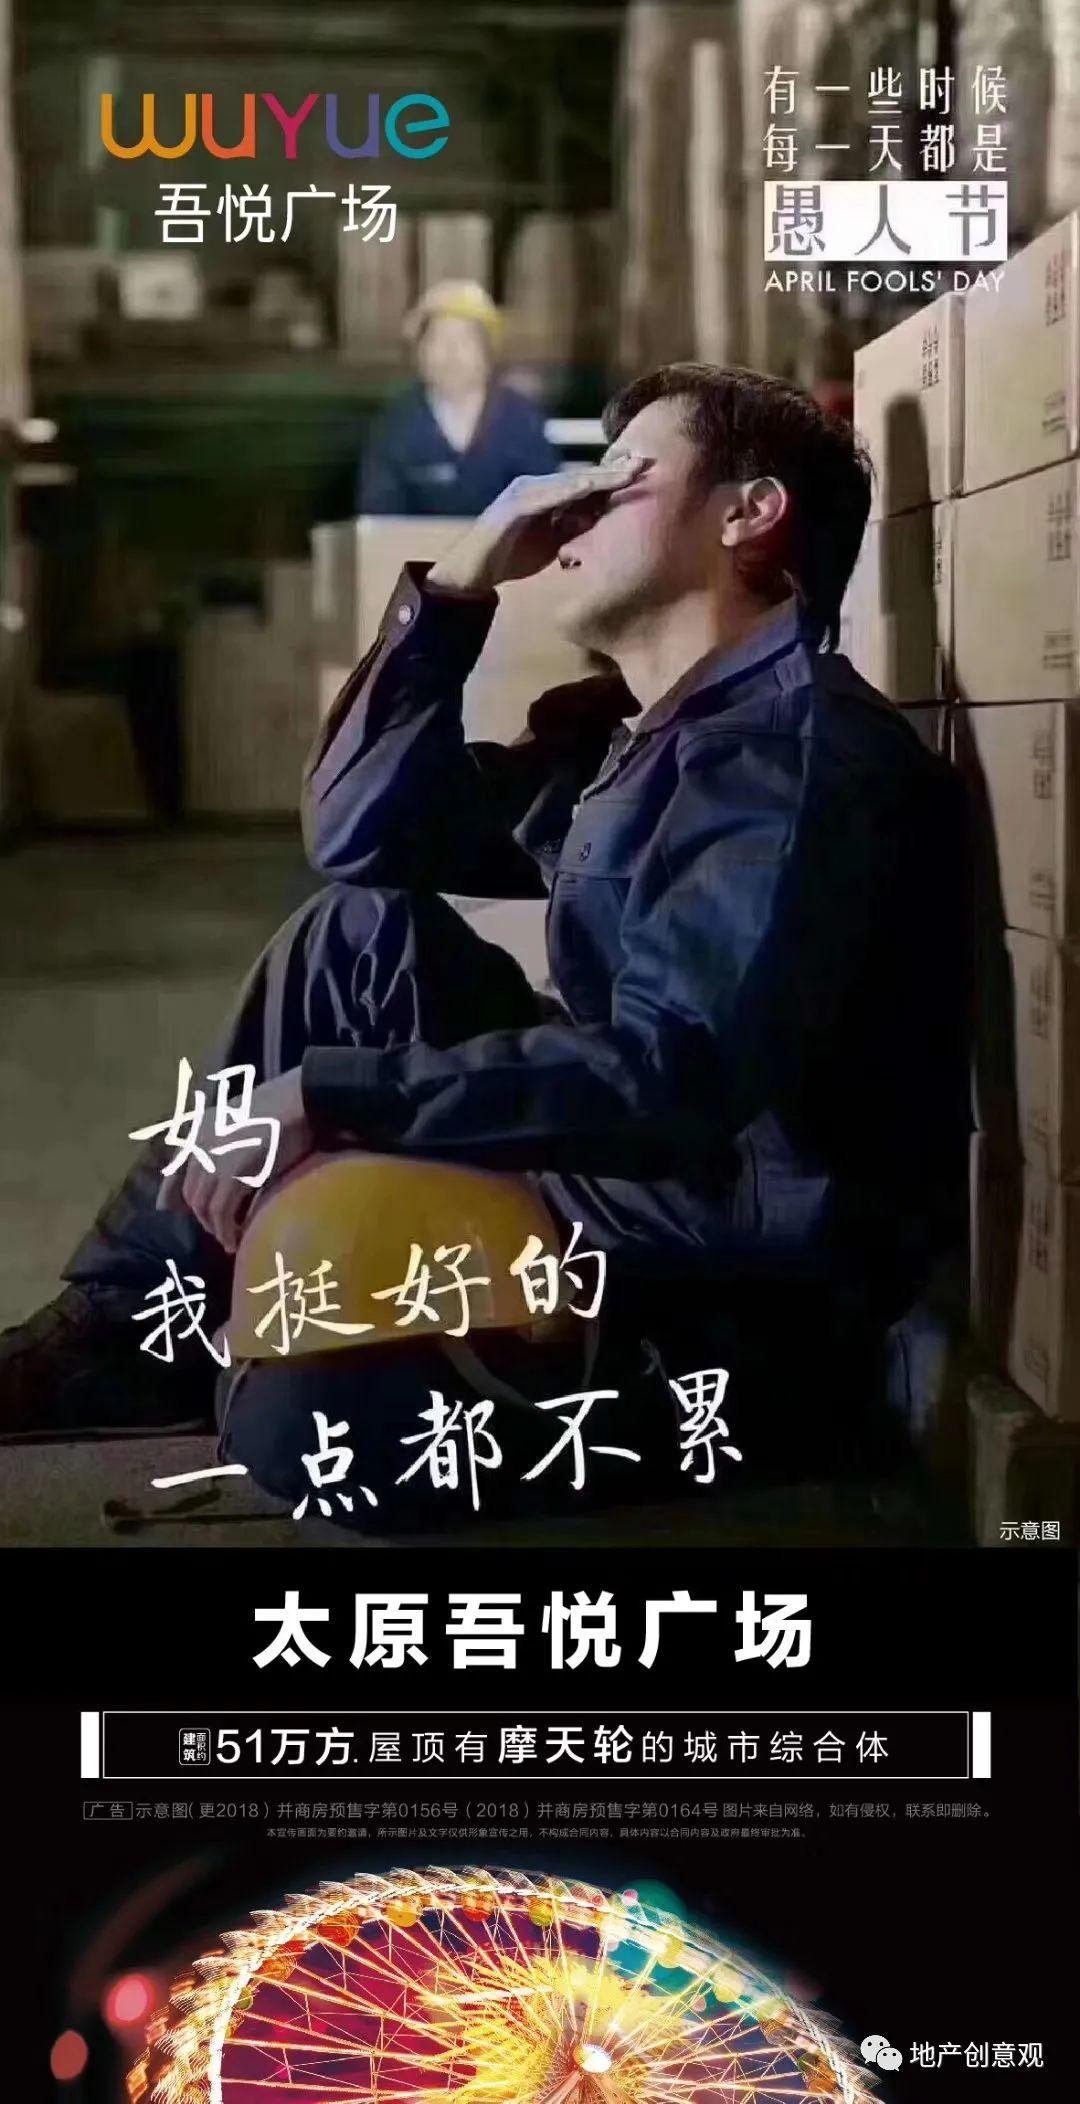 地产广告丨2021愚人节借势海报文案欣赏~插图174